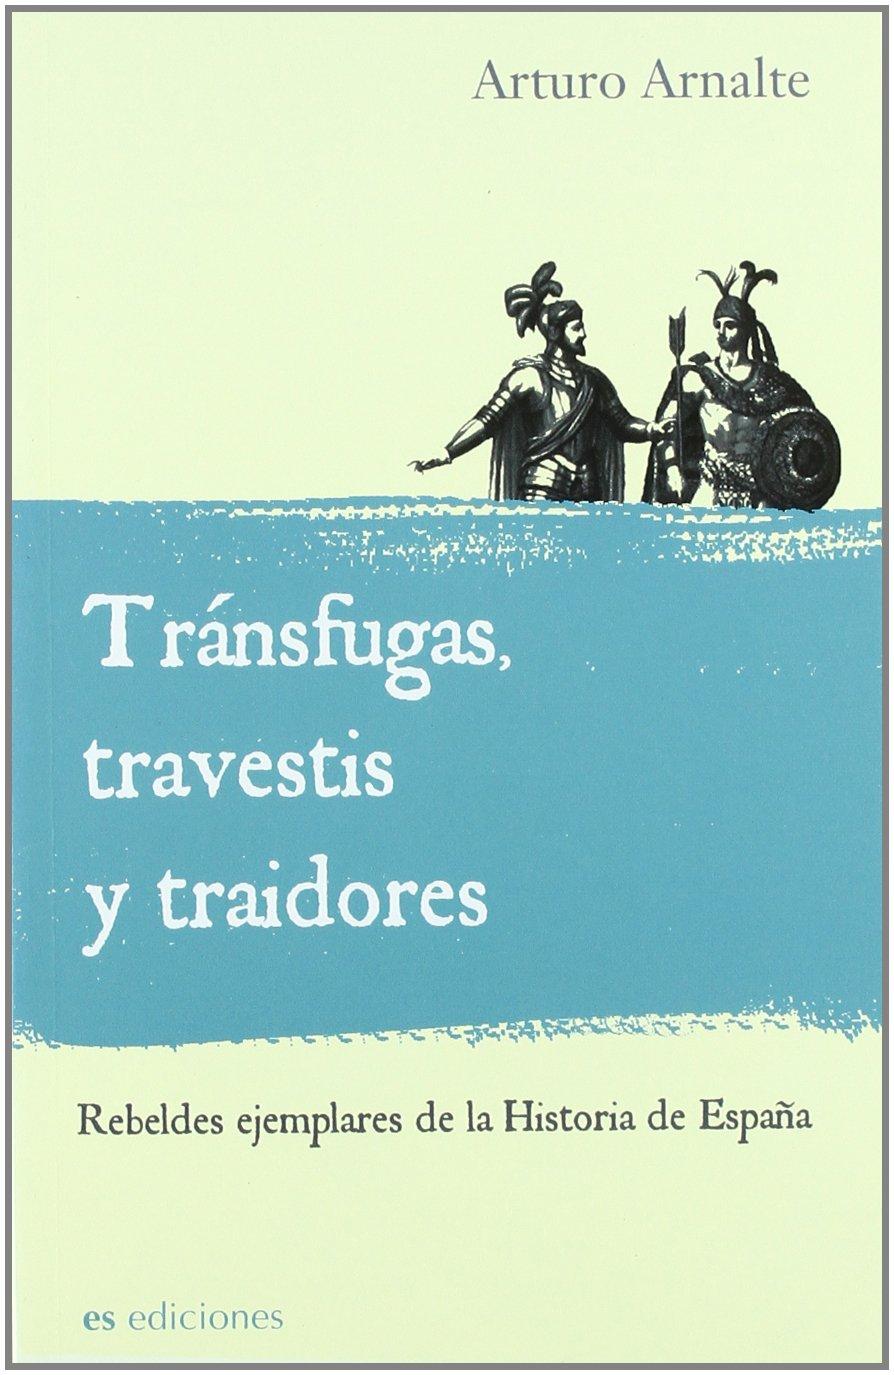 Transfugas, Travestis Y Traidores Historia Divulgativa es: Amazon.es: Arnalte, Arturo: Libros